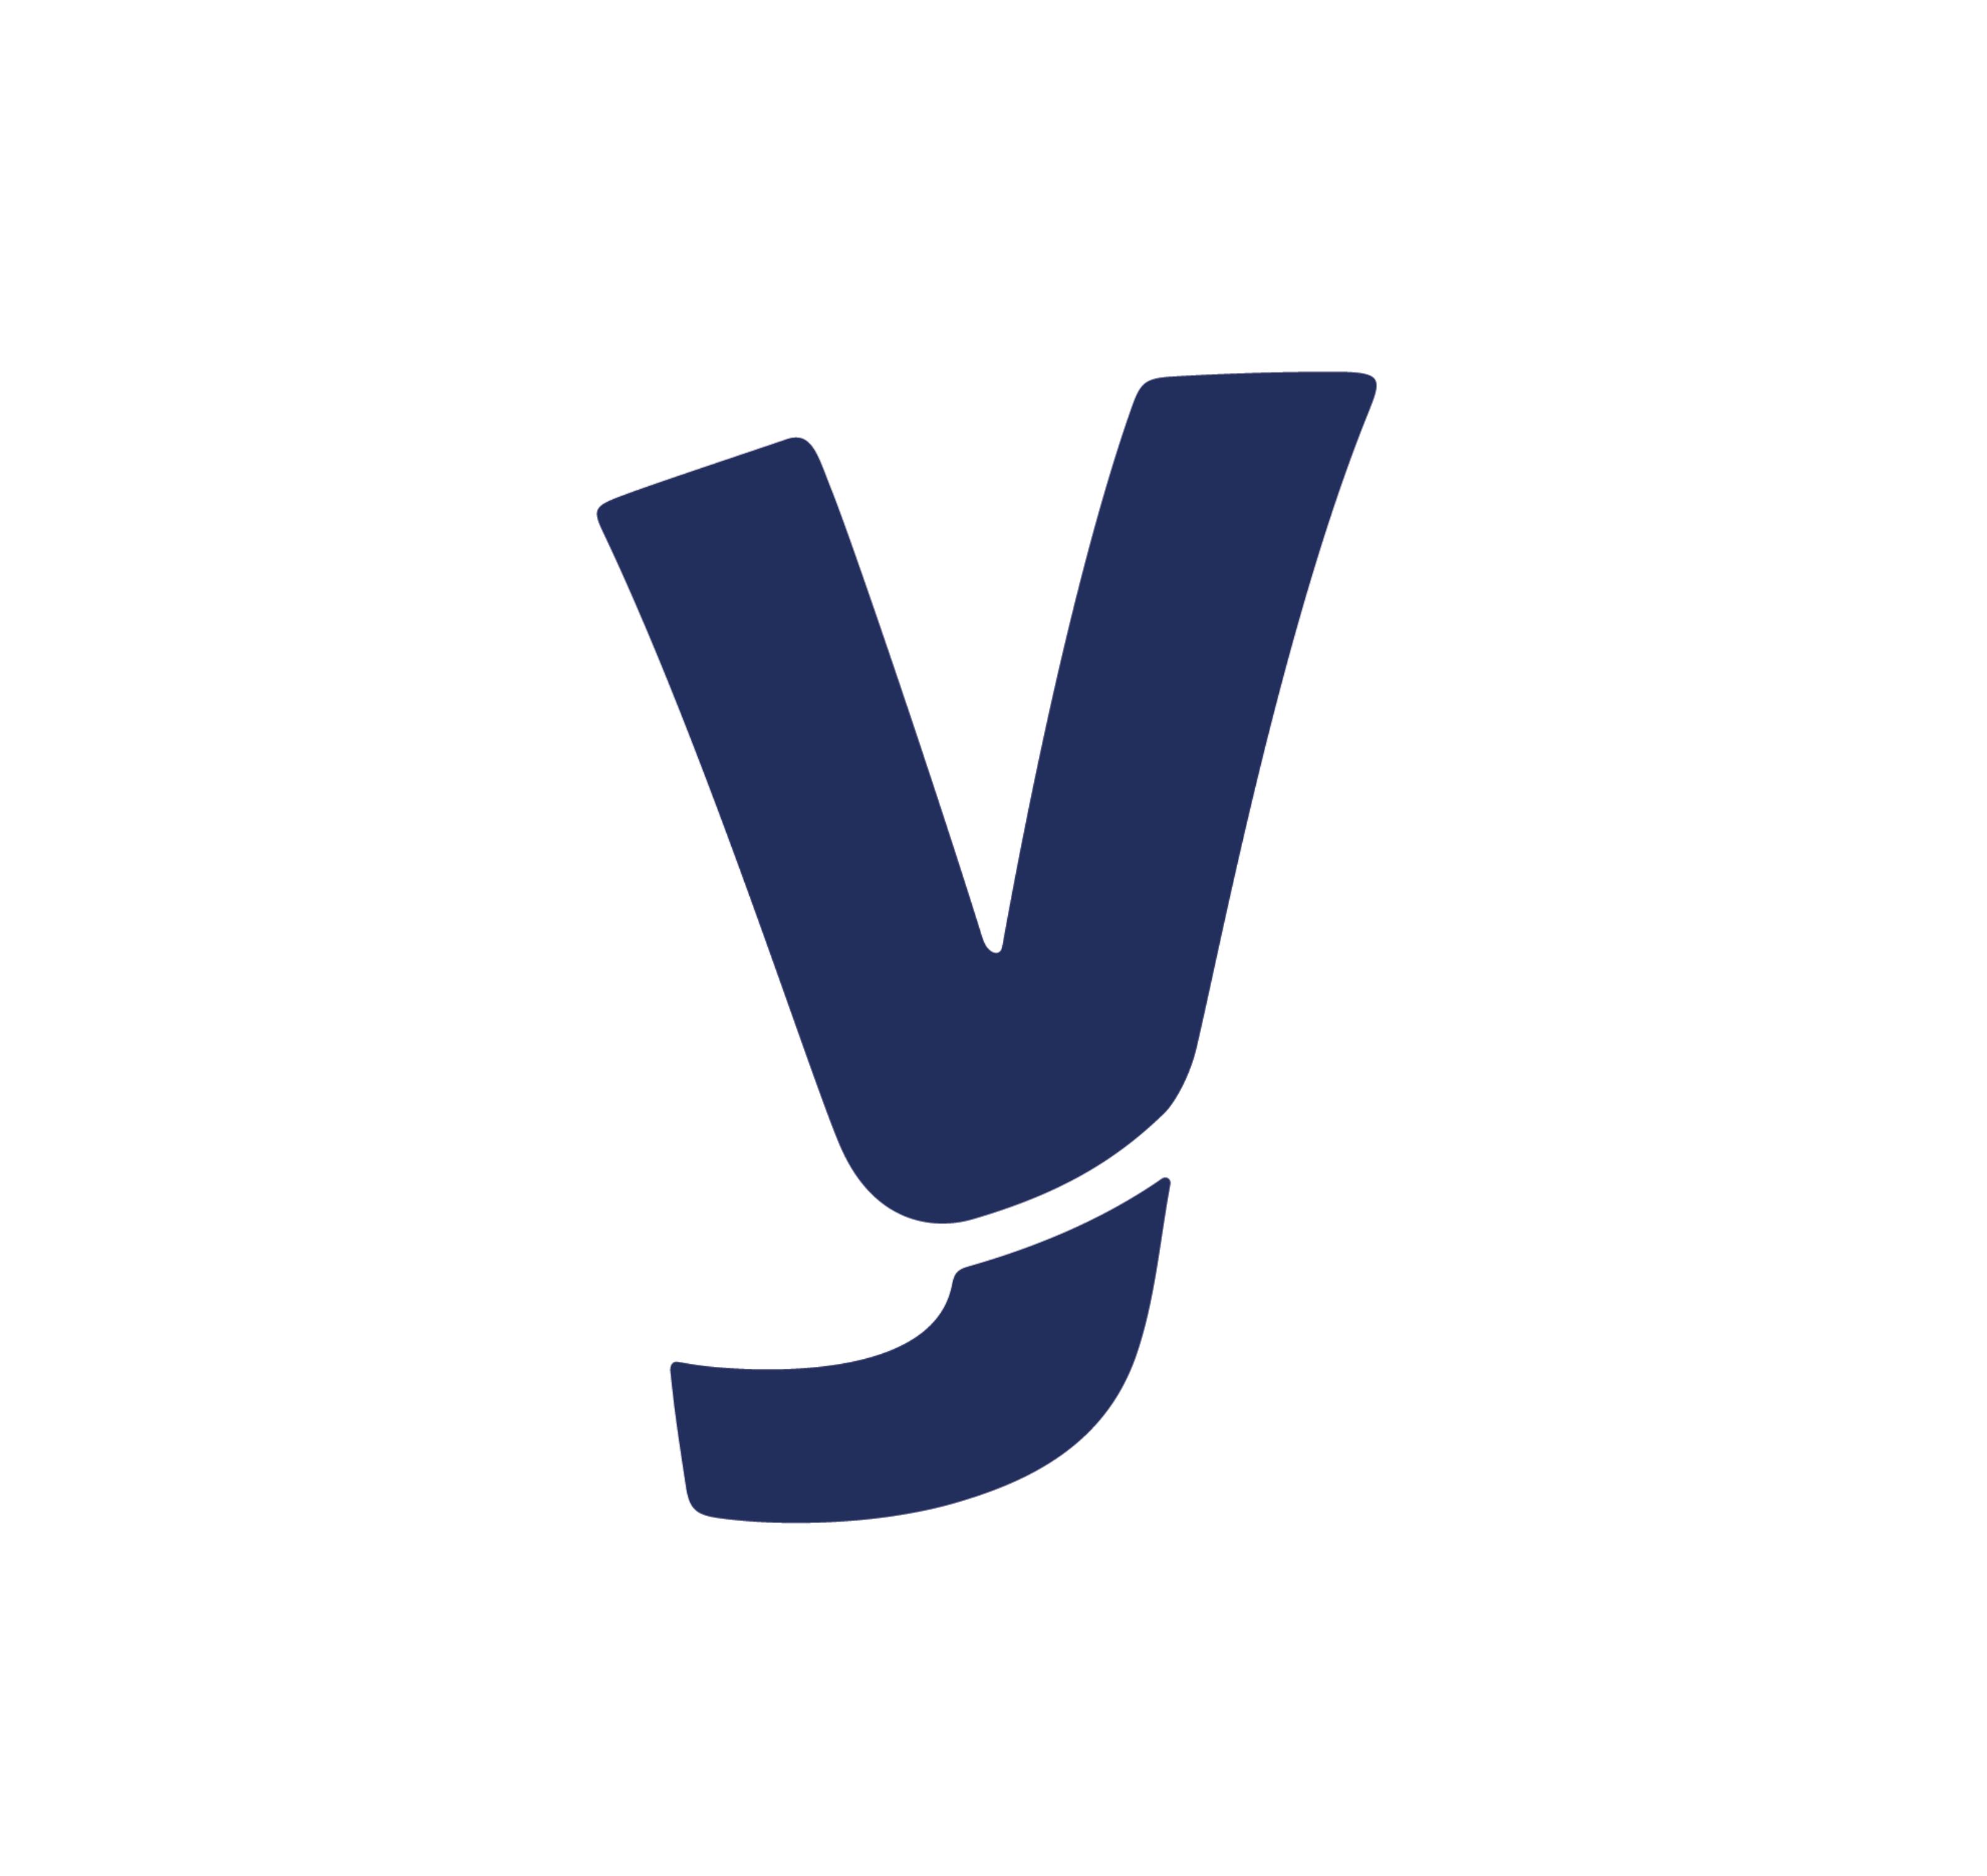 CITYSAFE favicon / logo